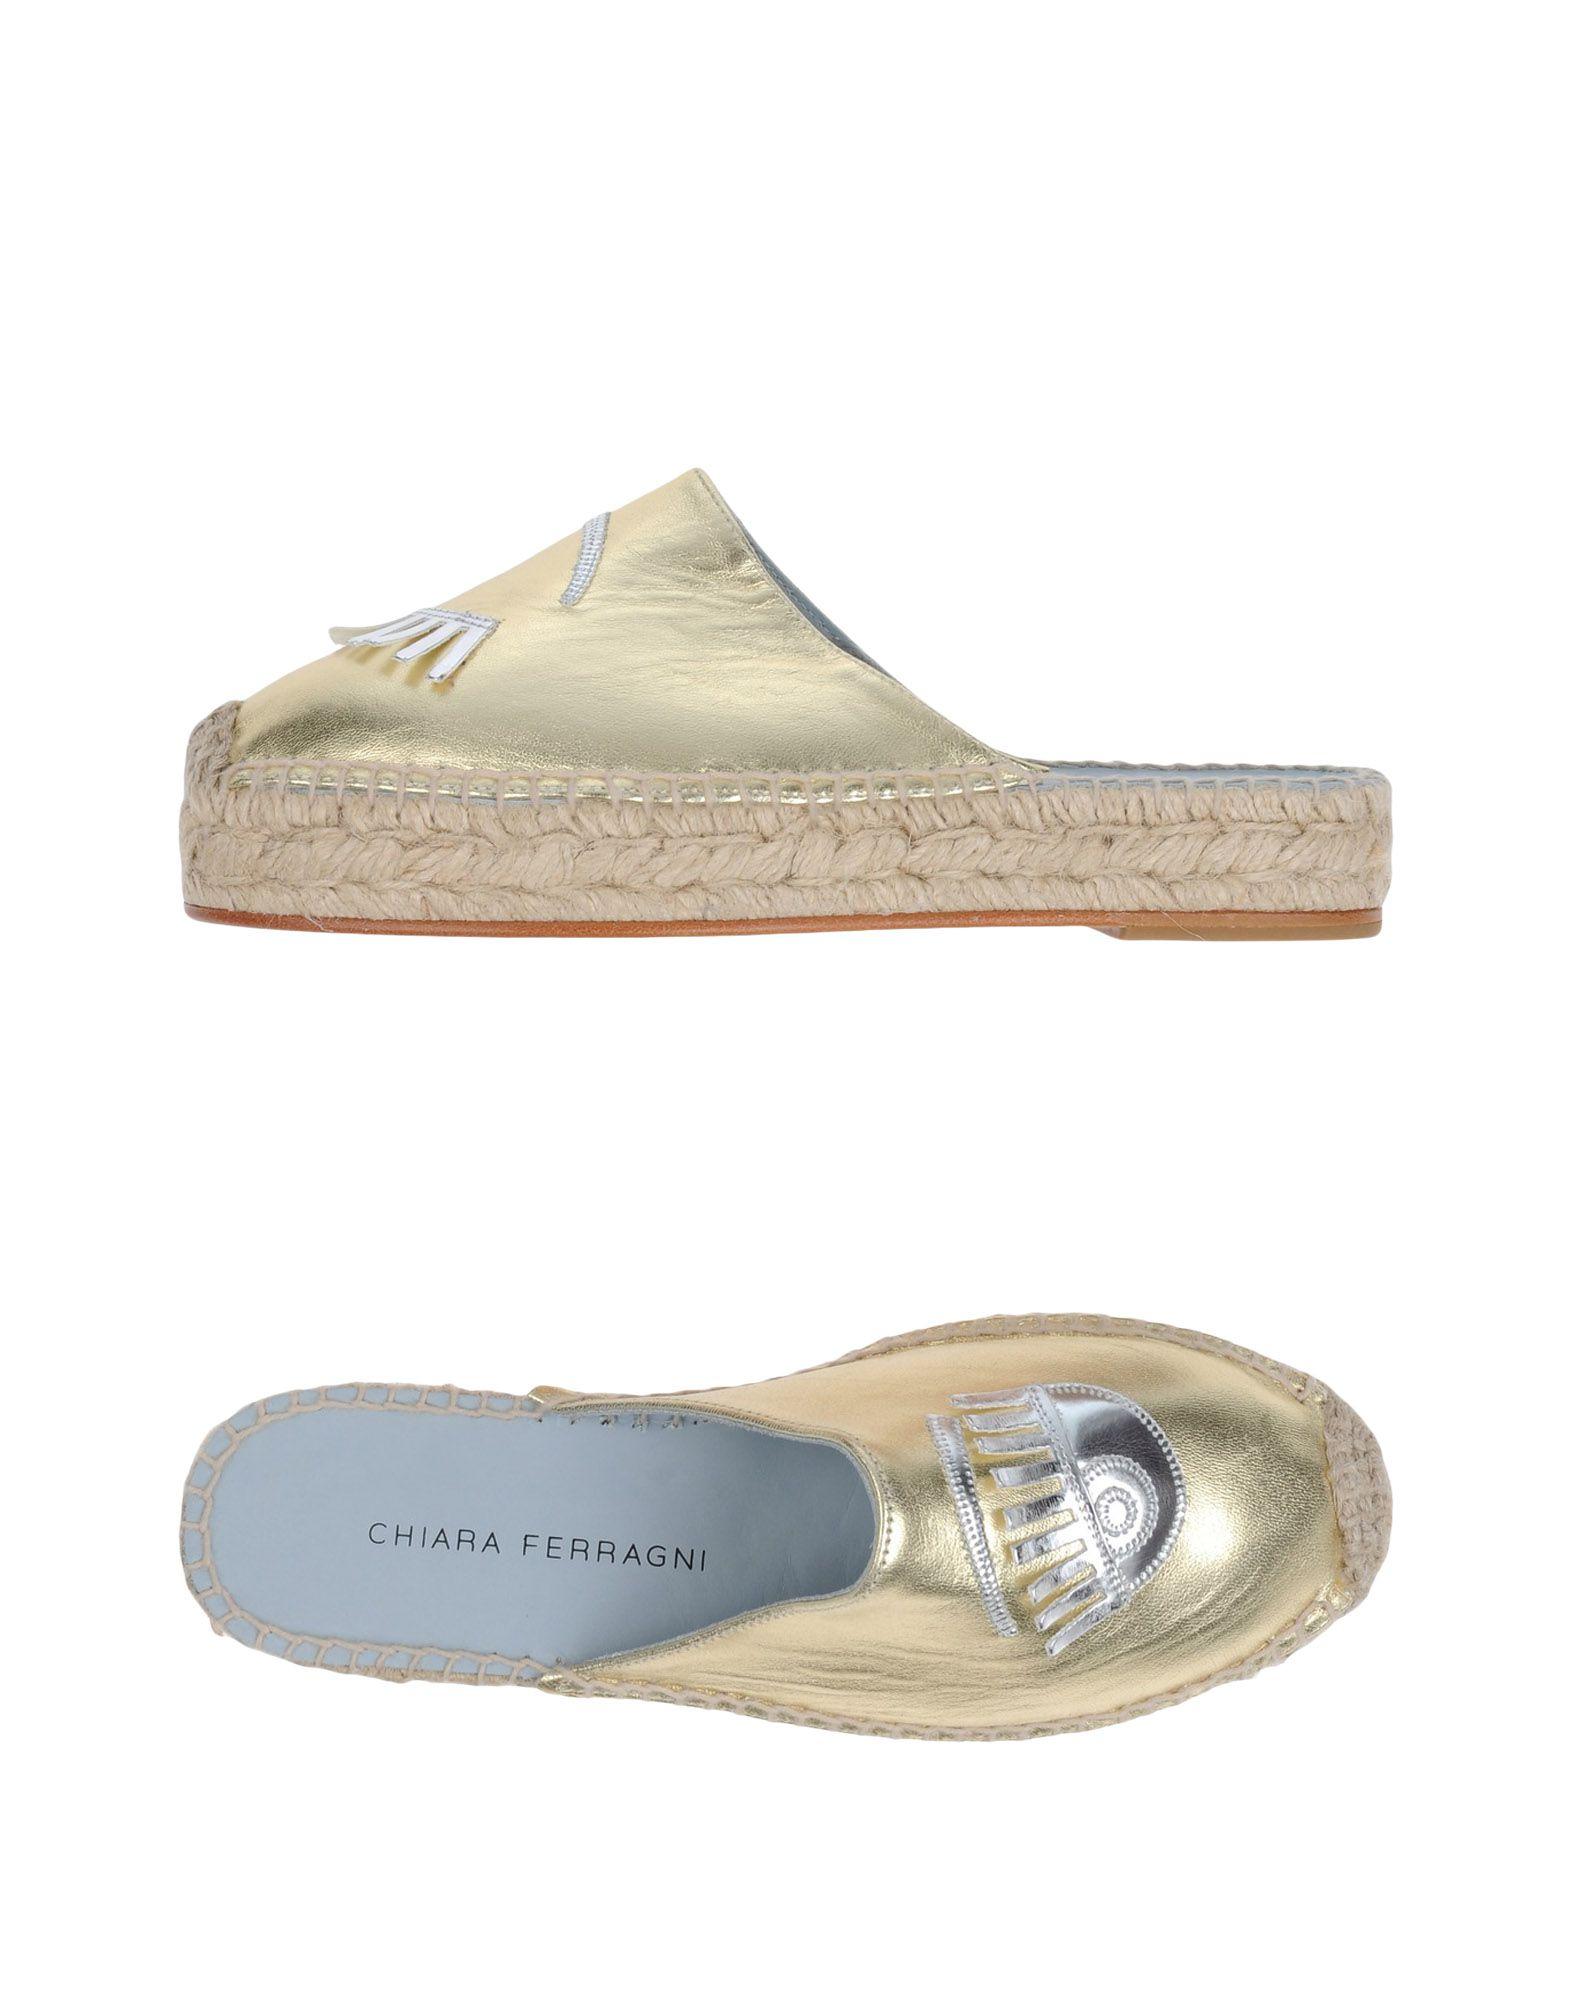 Chiara Ferragni Pantoletten Damen Schuhe  11257009XDGut aussehende strapazierfähige Schuhe Damen 5e8f0a